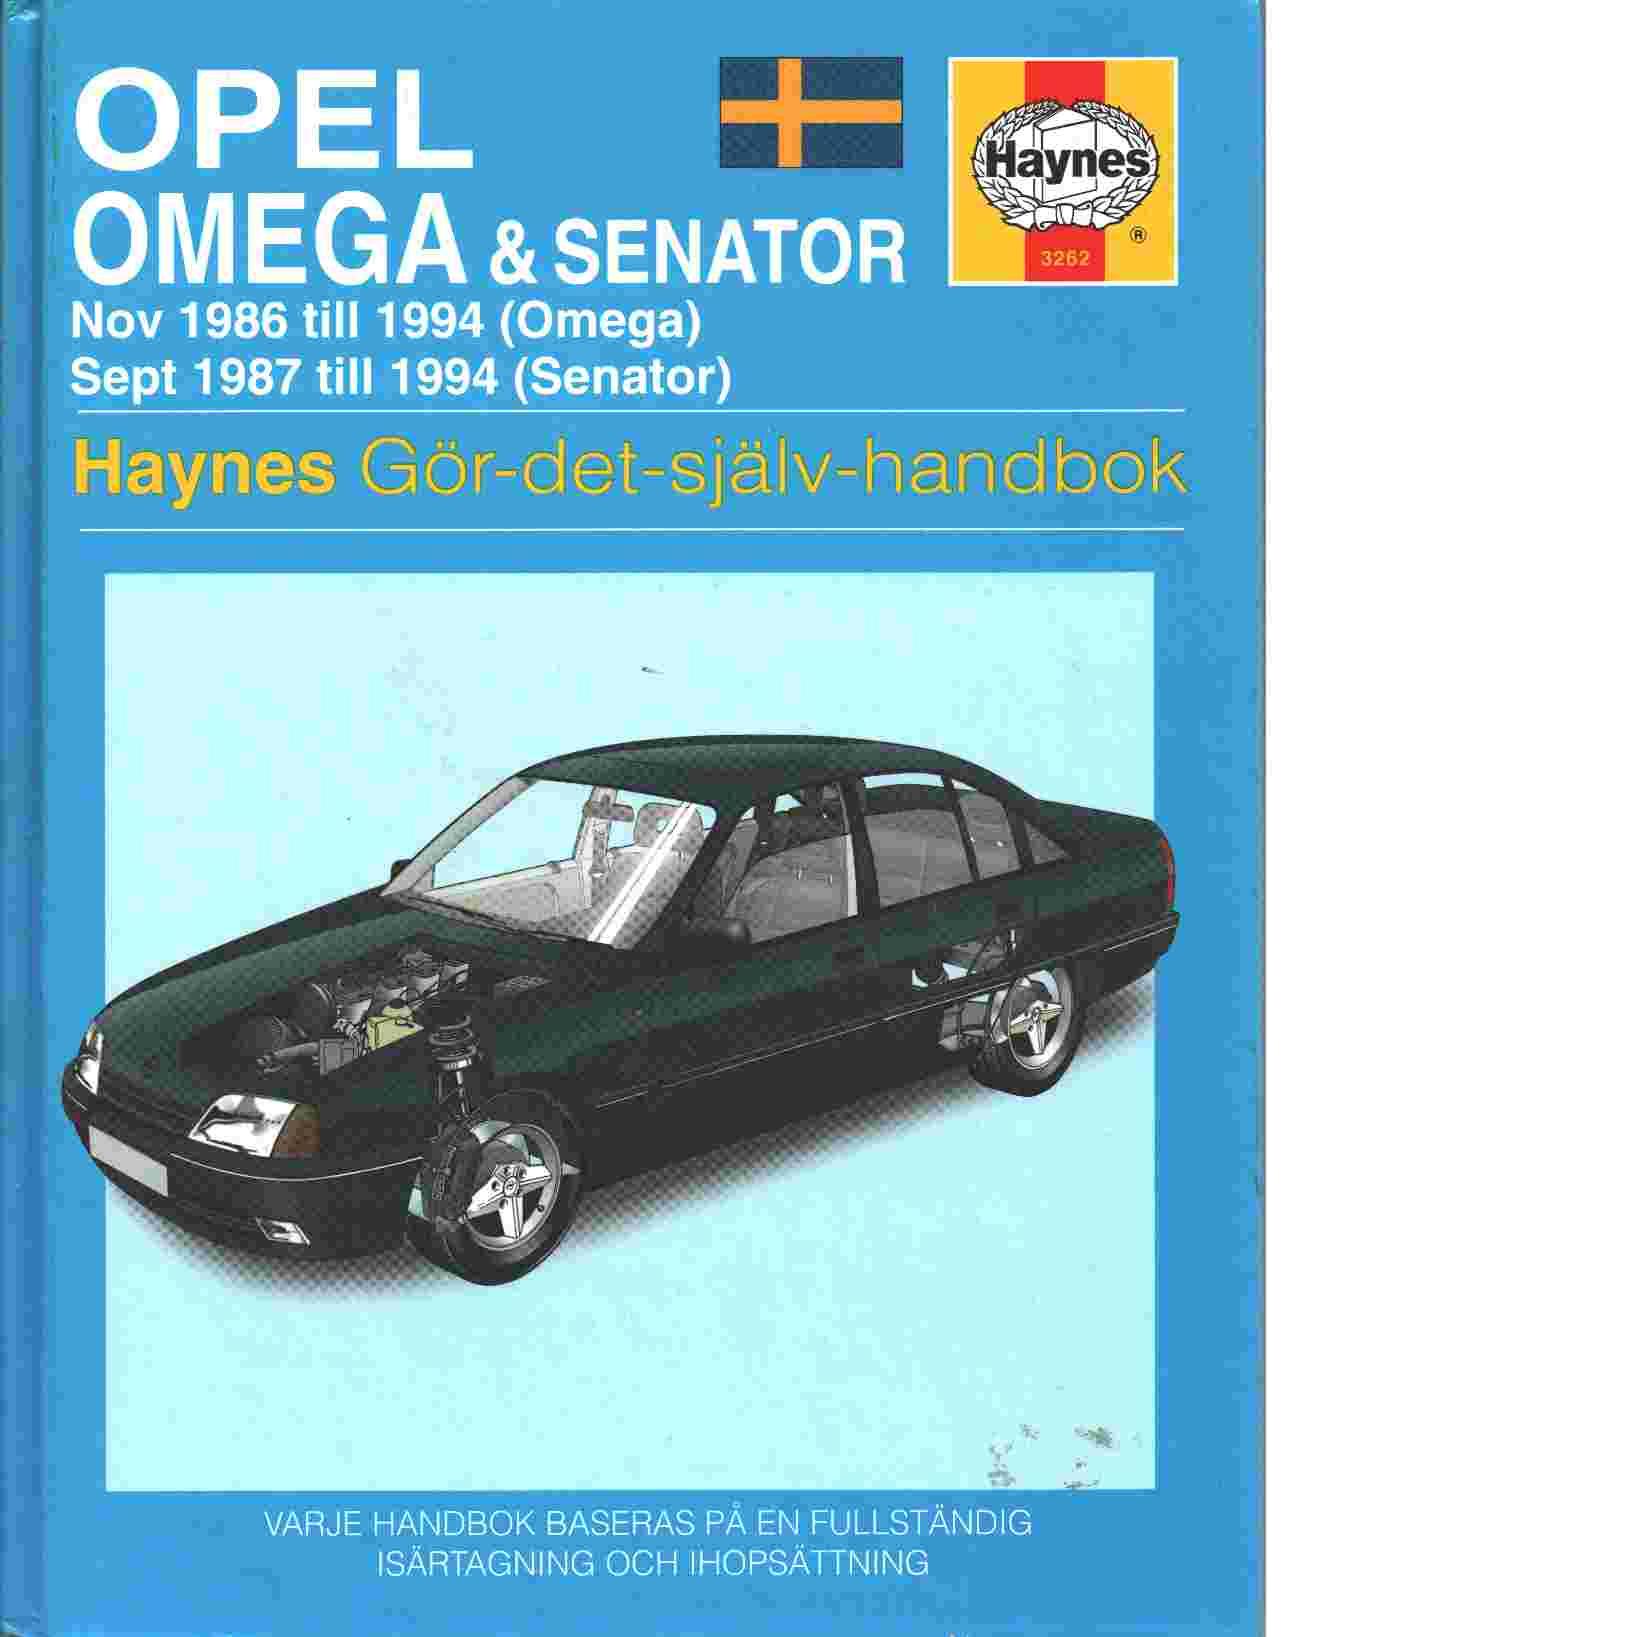 Opel Omega & Senator : nov 1986 till 1994 (Omega), sept 1987 till 1994 Senator - Coombs, Mark  och Drayton, Spencer